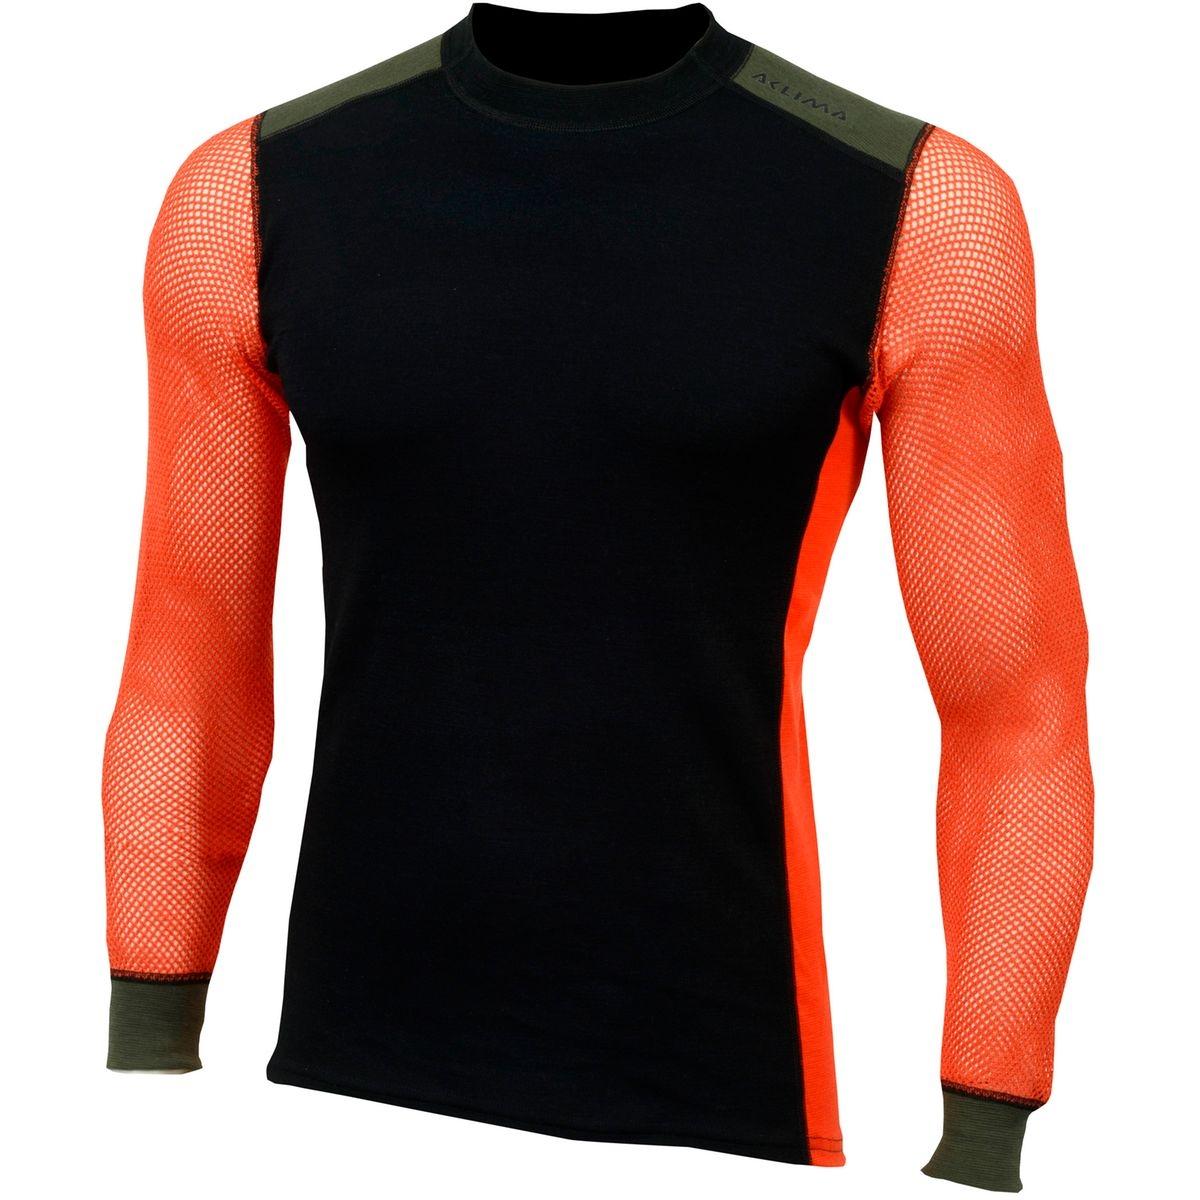 Hiking - Sous-vêtement Homme - orange/noir